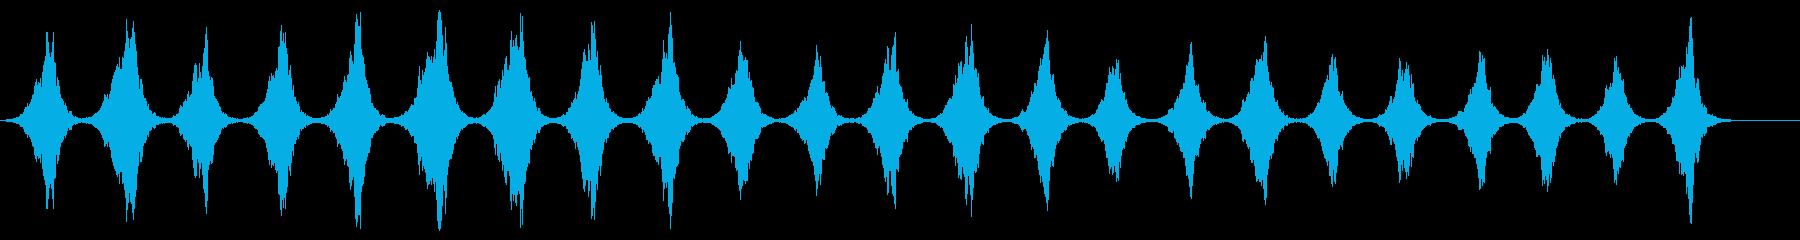 ノスタルジックなホラー現代音楽の再生済みの波形